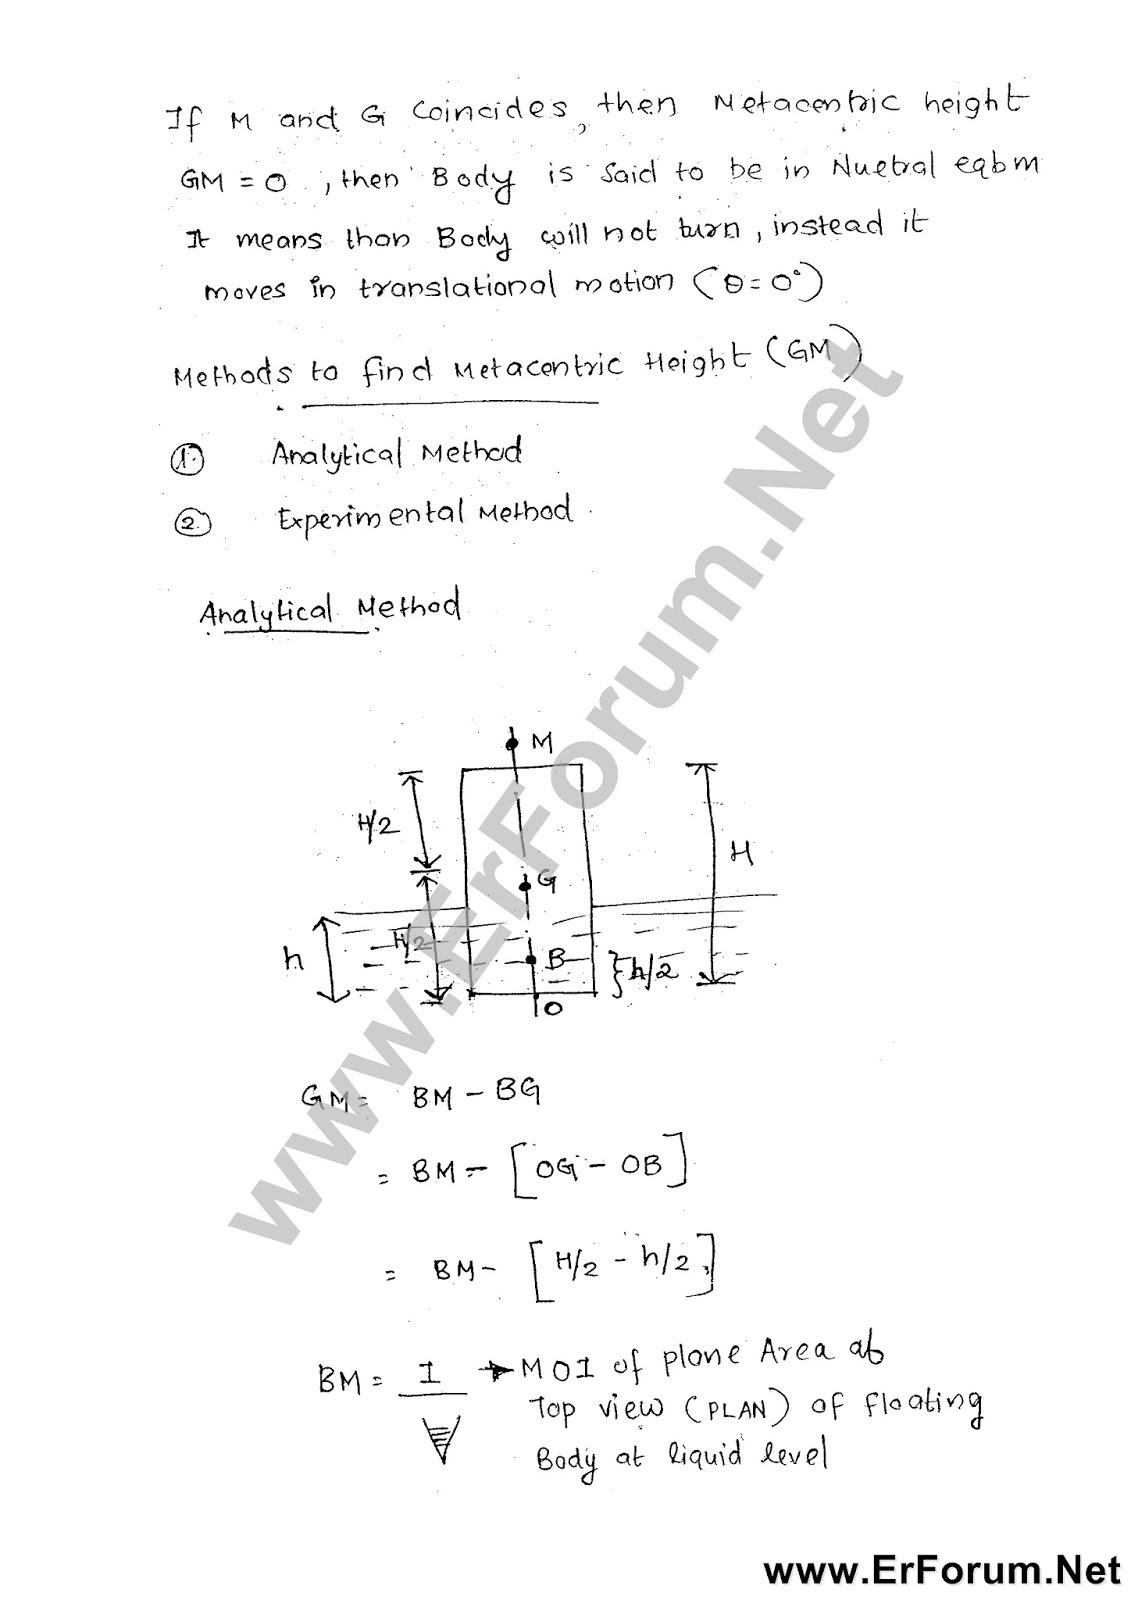 fm-notes-2